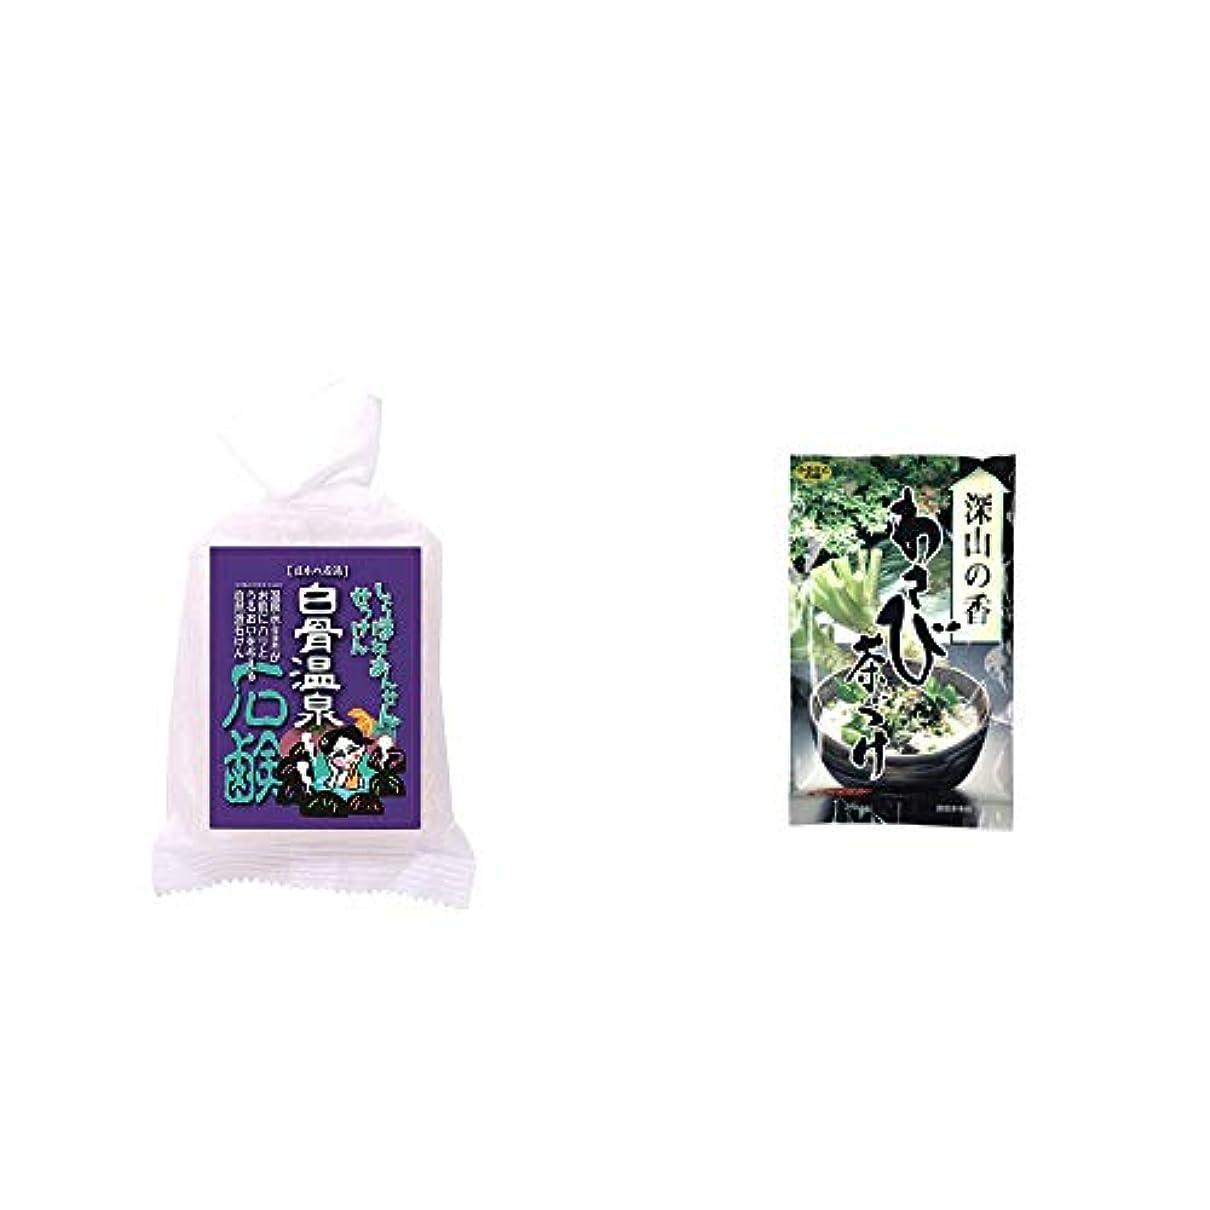 [2点セット] 信州 白骨温泉石鹸(80g)?特選茶漬け 深山の香 わさび茶づけ(10袋入)